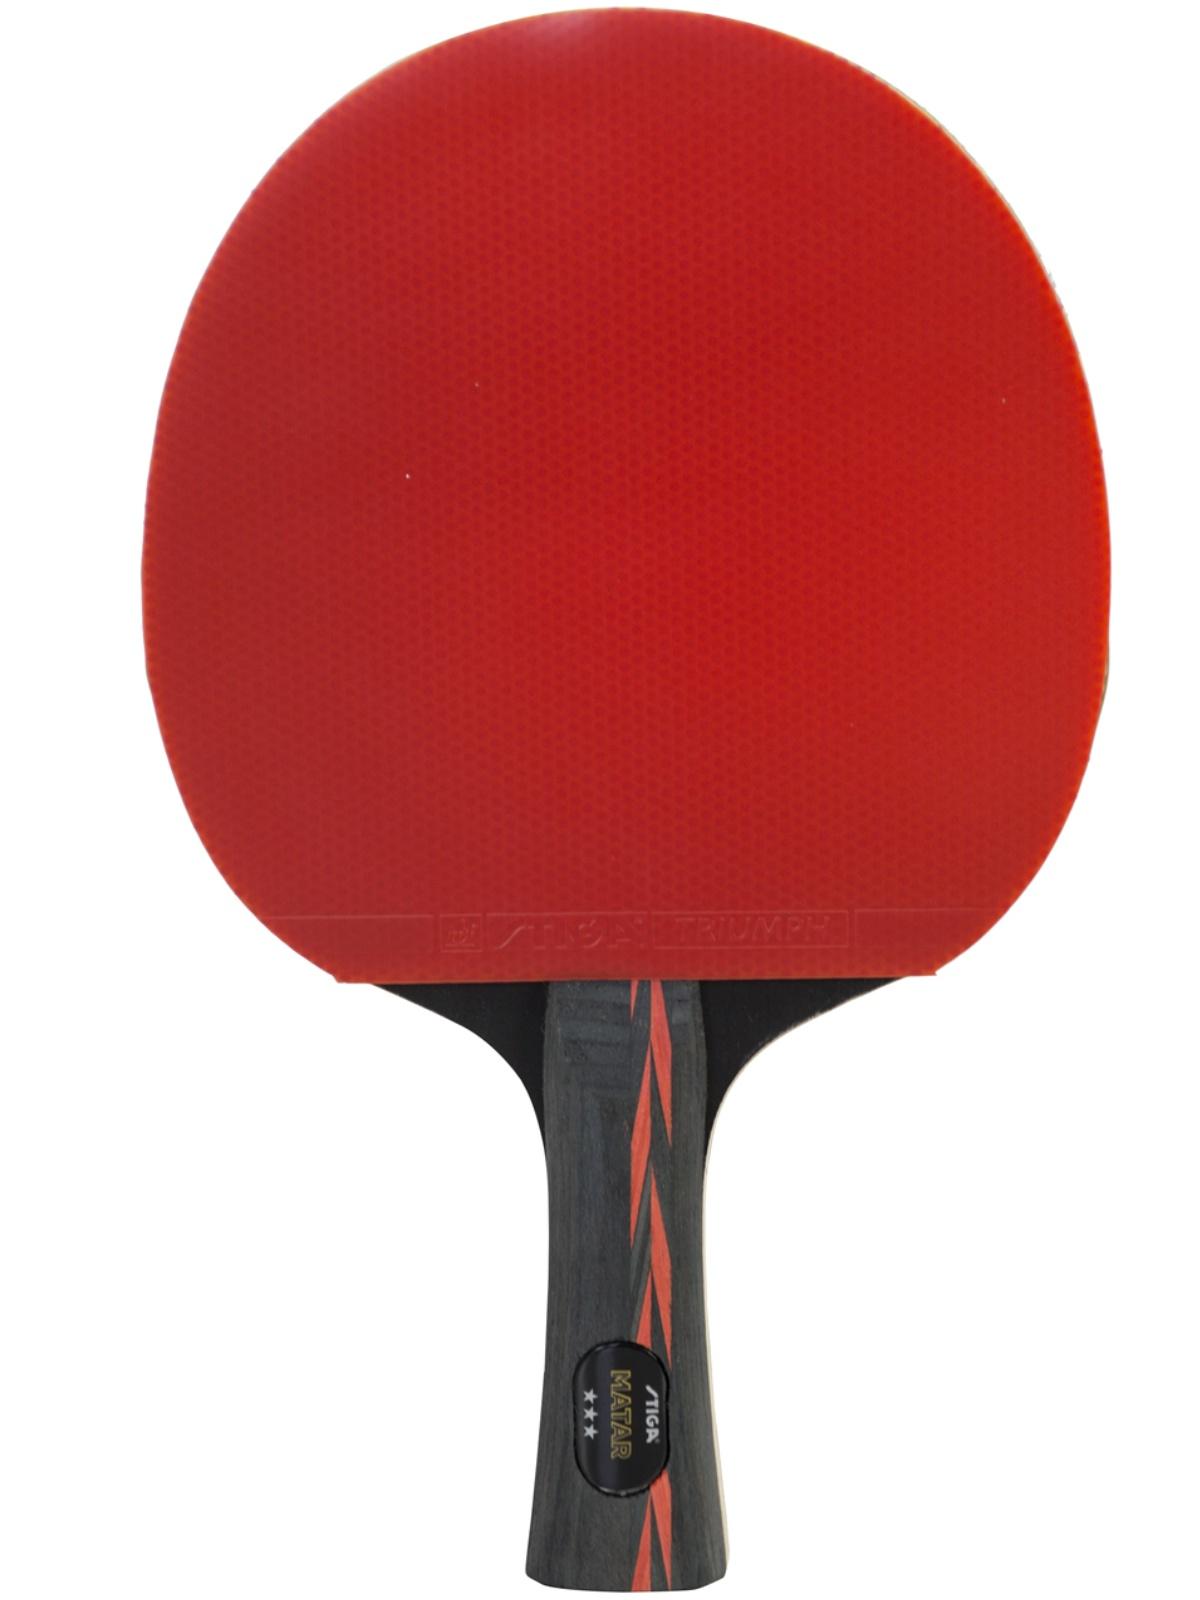 Pálka na stolní tenis STIGA Matar